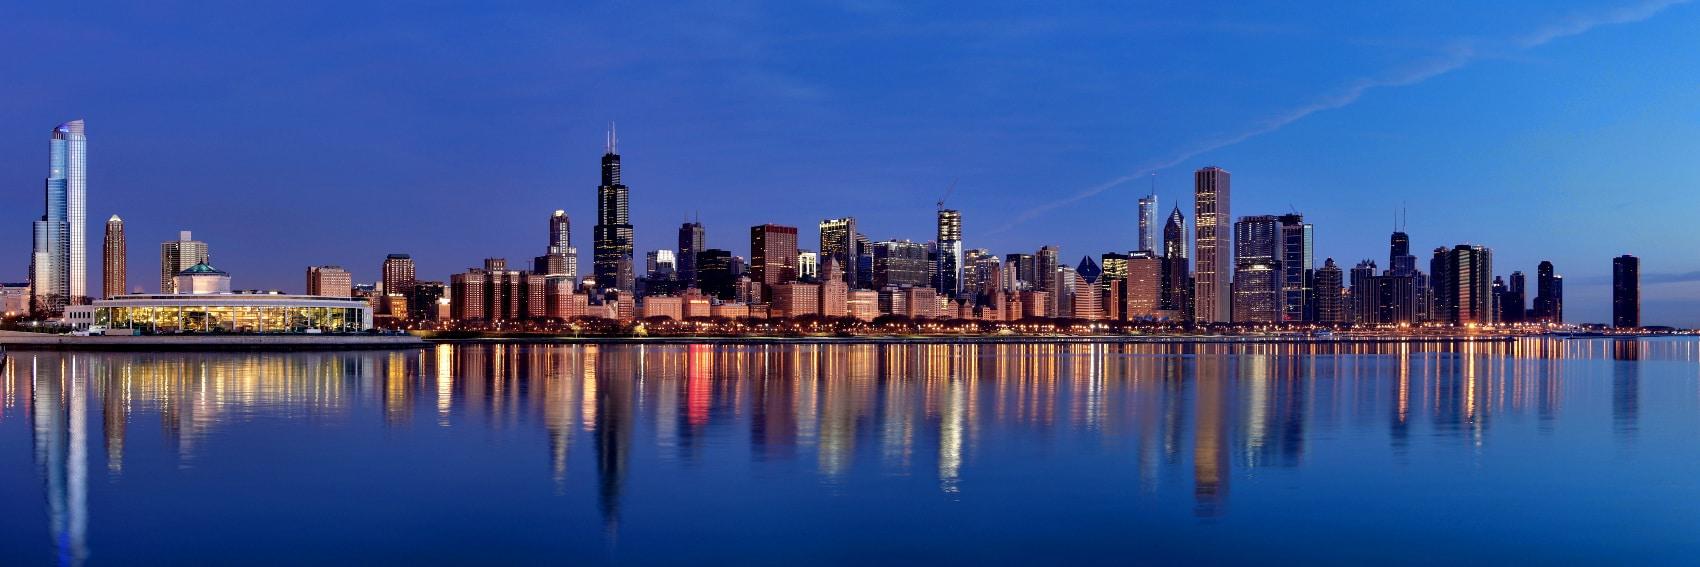 Chicago-skyline-banner